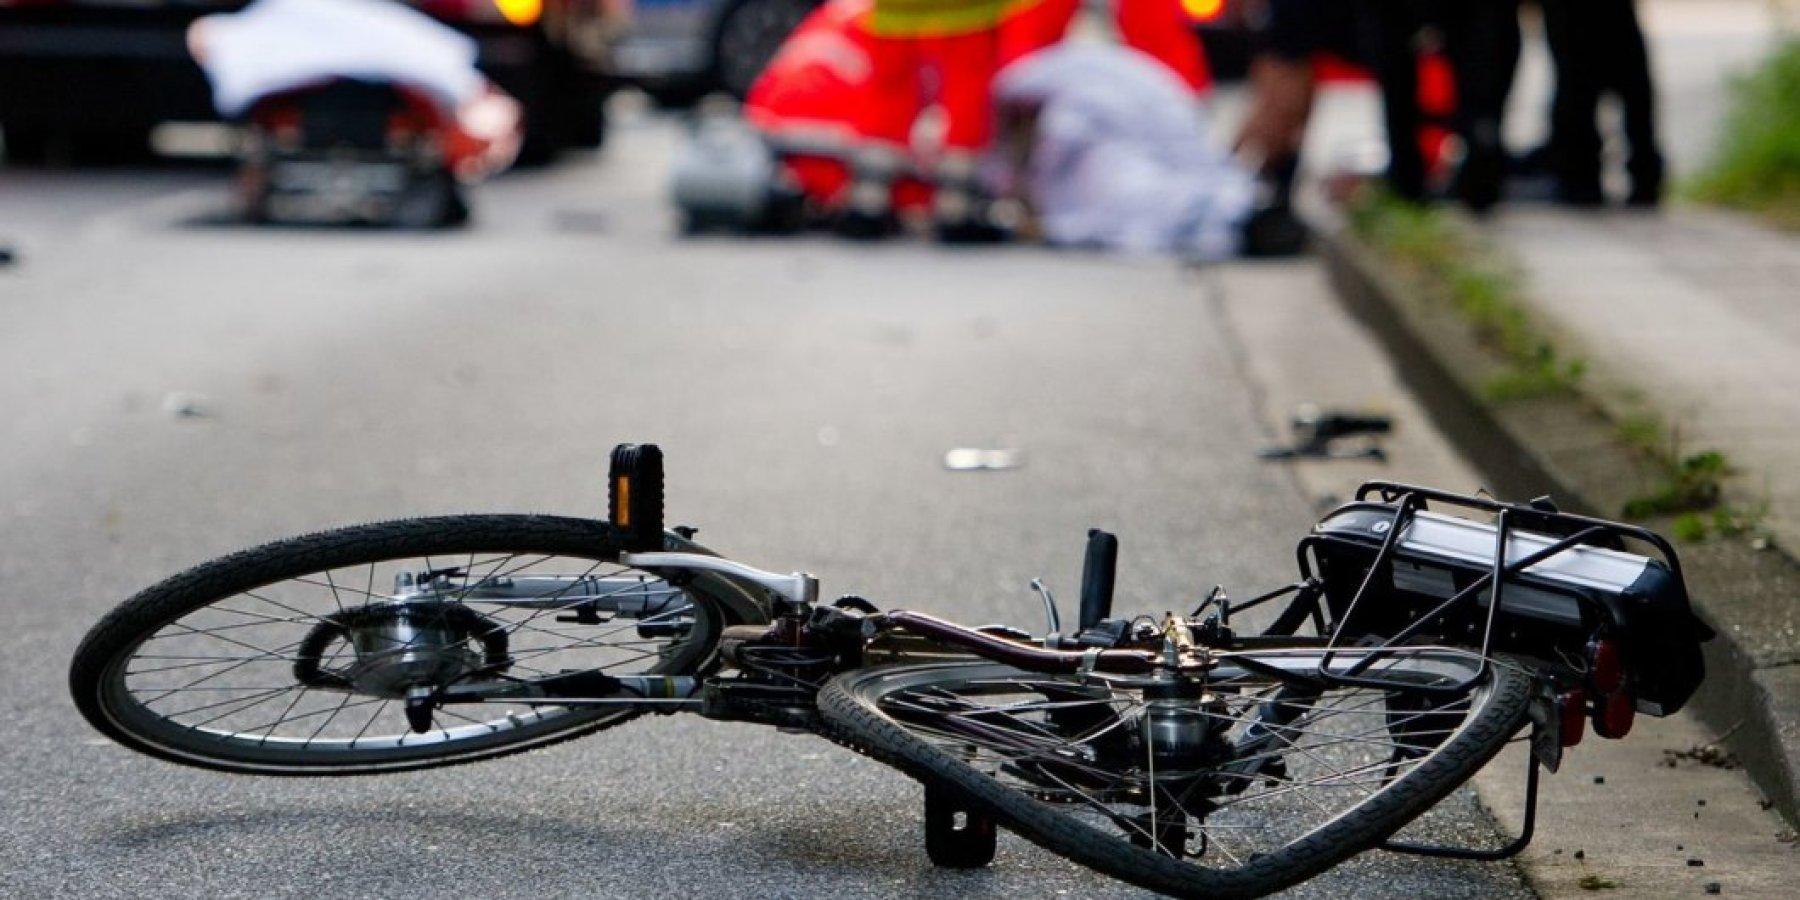 E-Bike kollidiert mit Fußgänger – 32-Jährige schwer verletzt